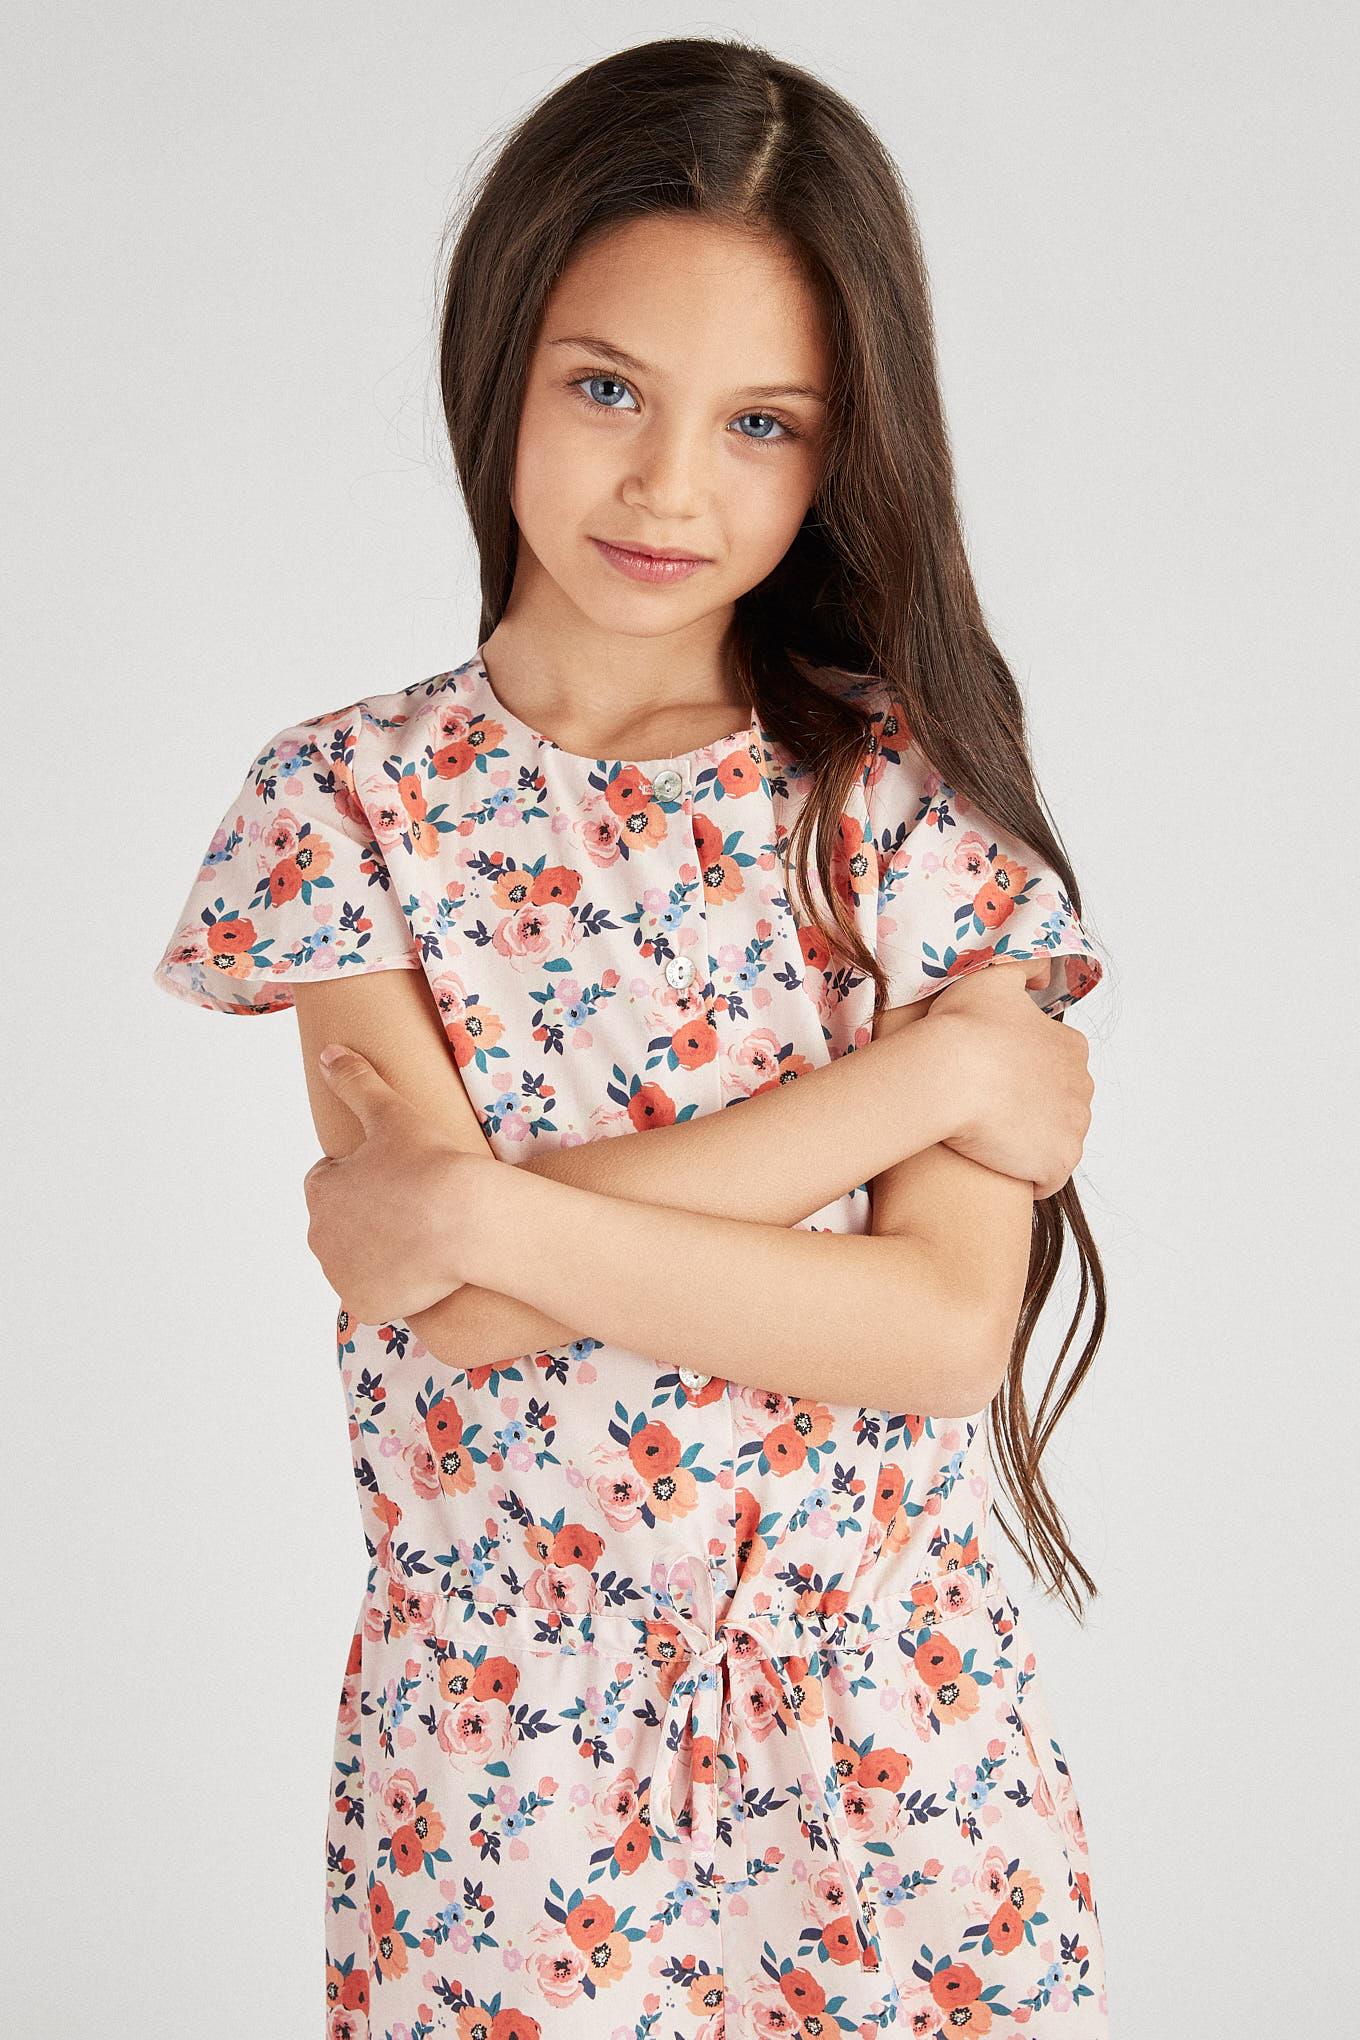 Macacão Rosa Fantasy Rapariga